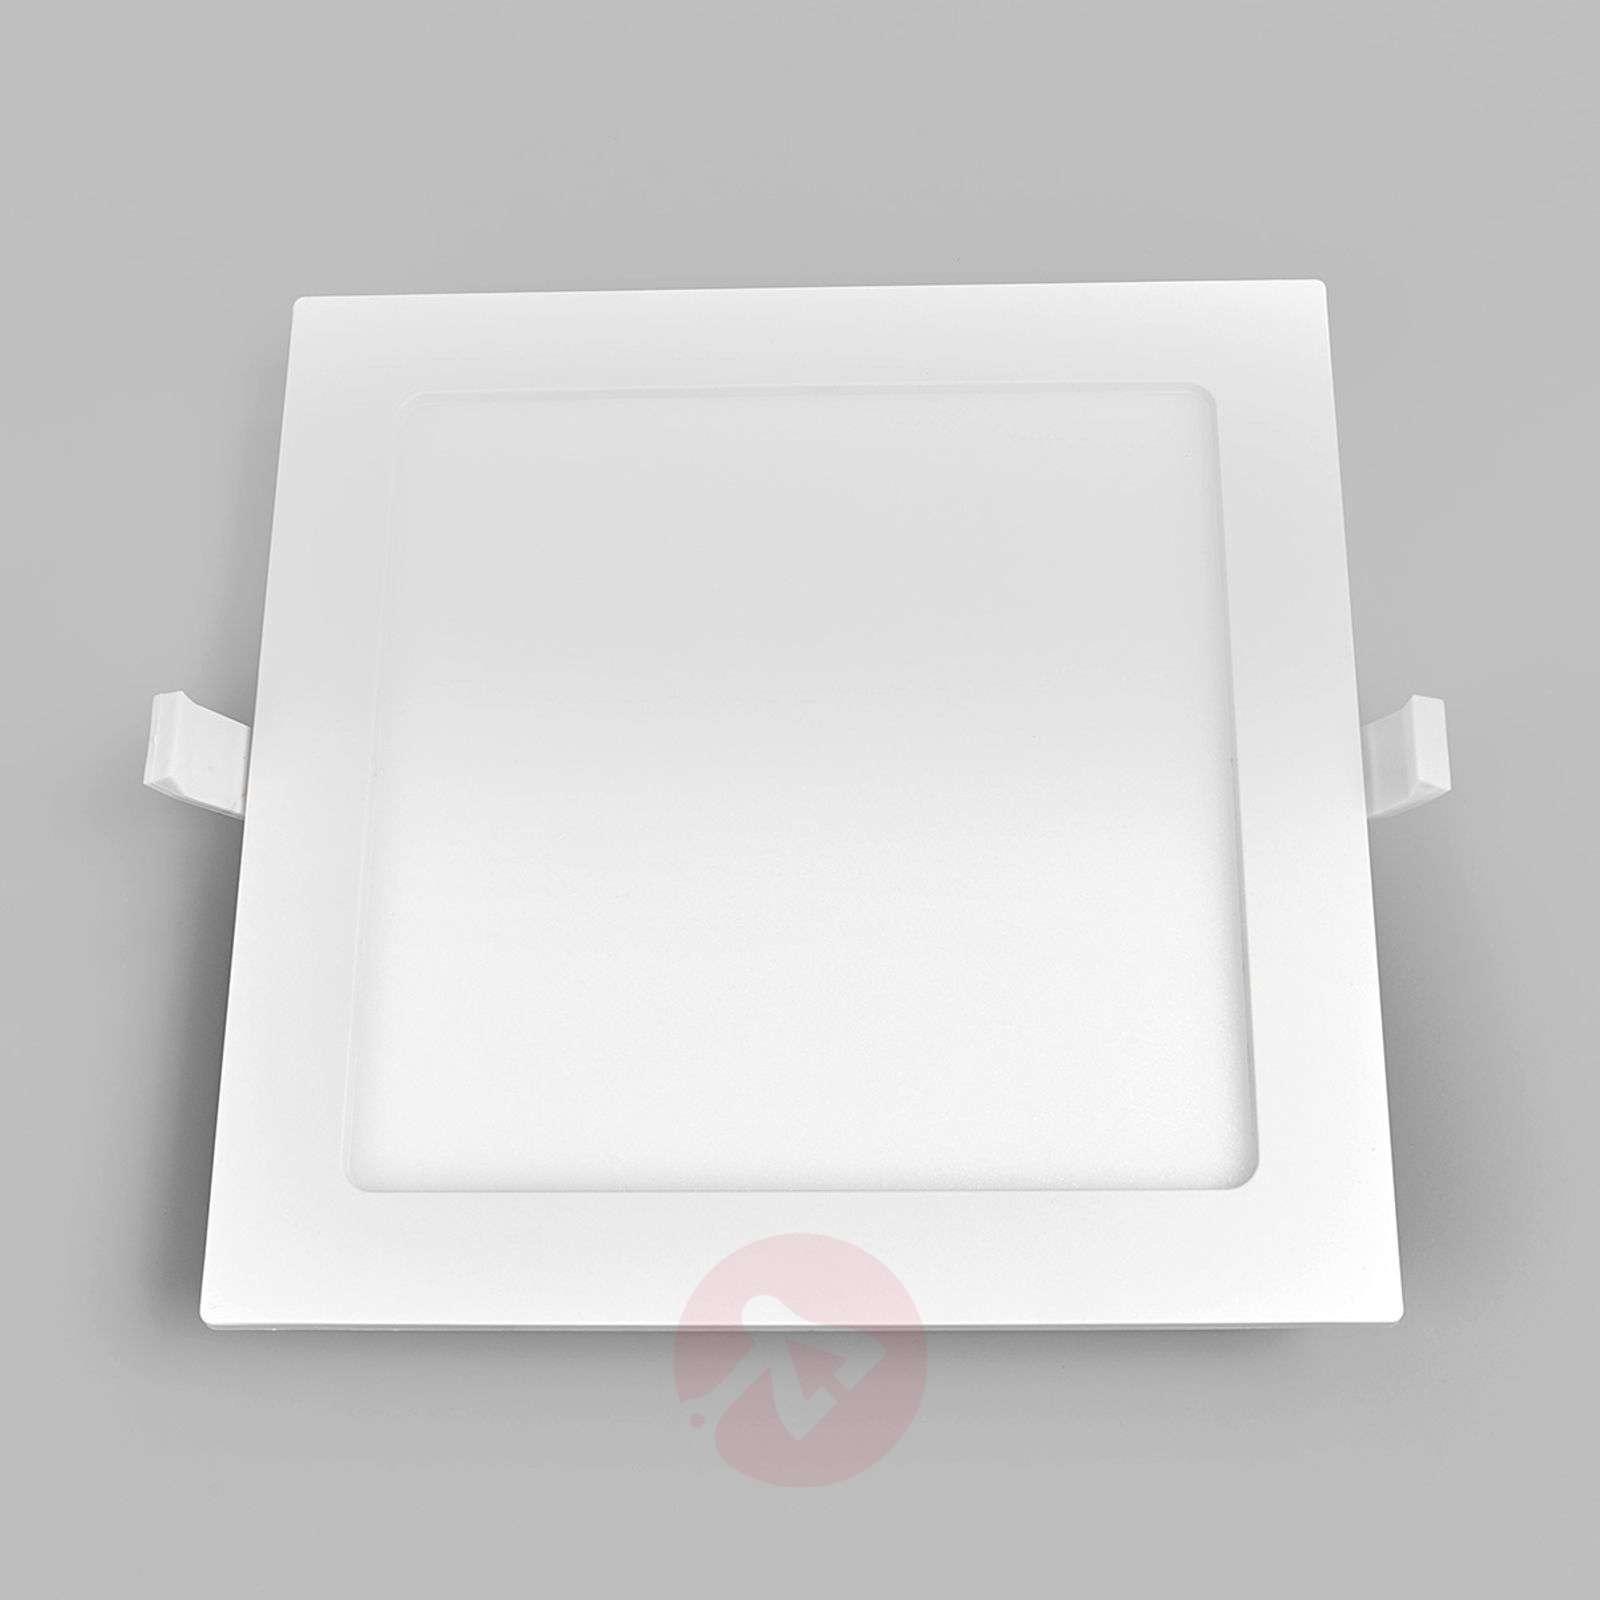 LED ceiling light Feva for bathrooms, IP44, 16 W-9978018-020